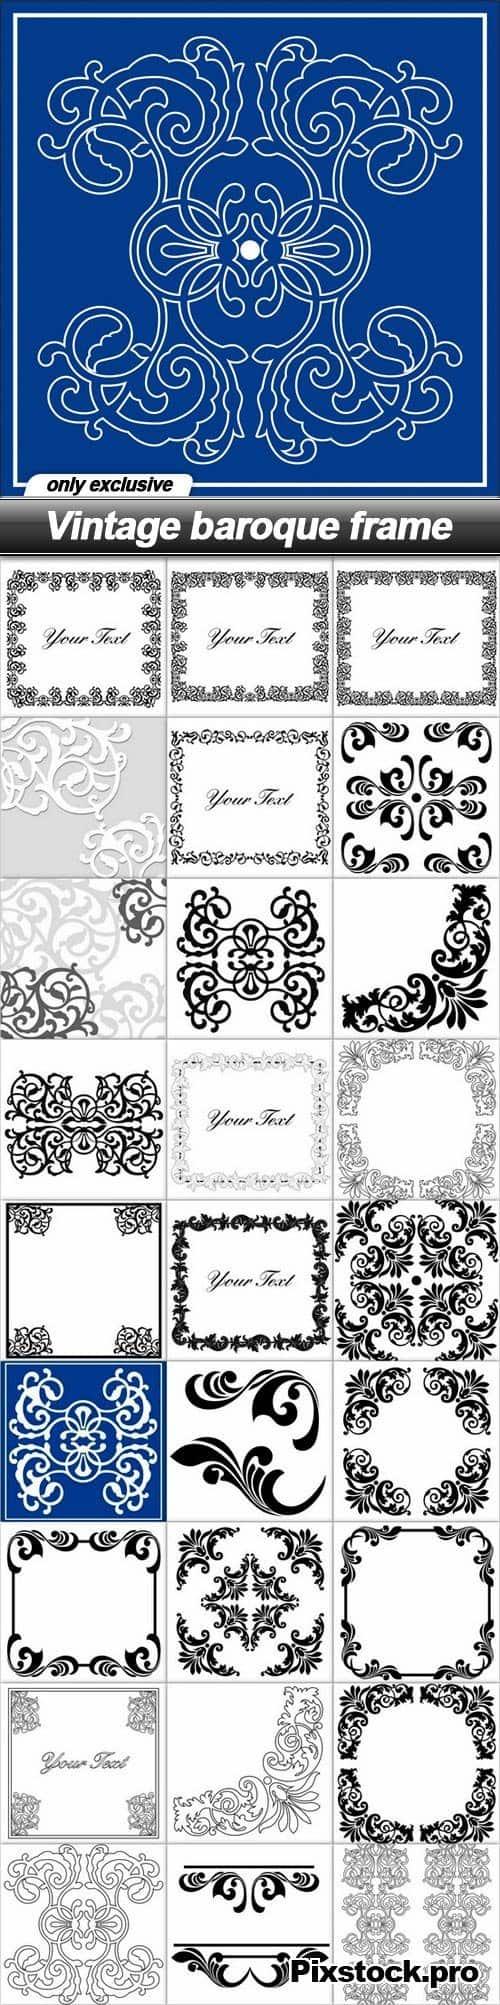 Vintage baroque frame – 28 EPS